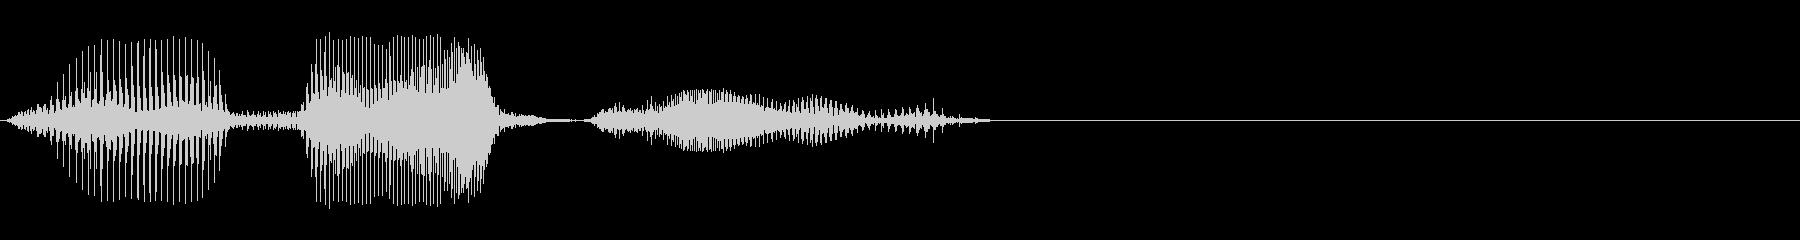 70の未再生の波形